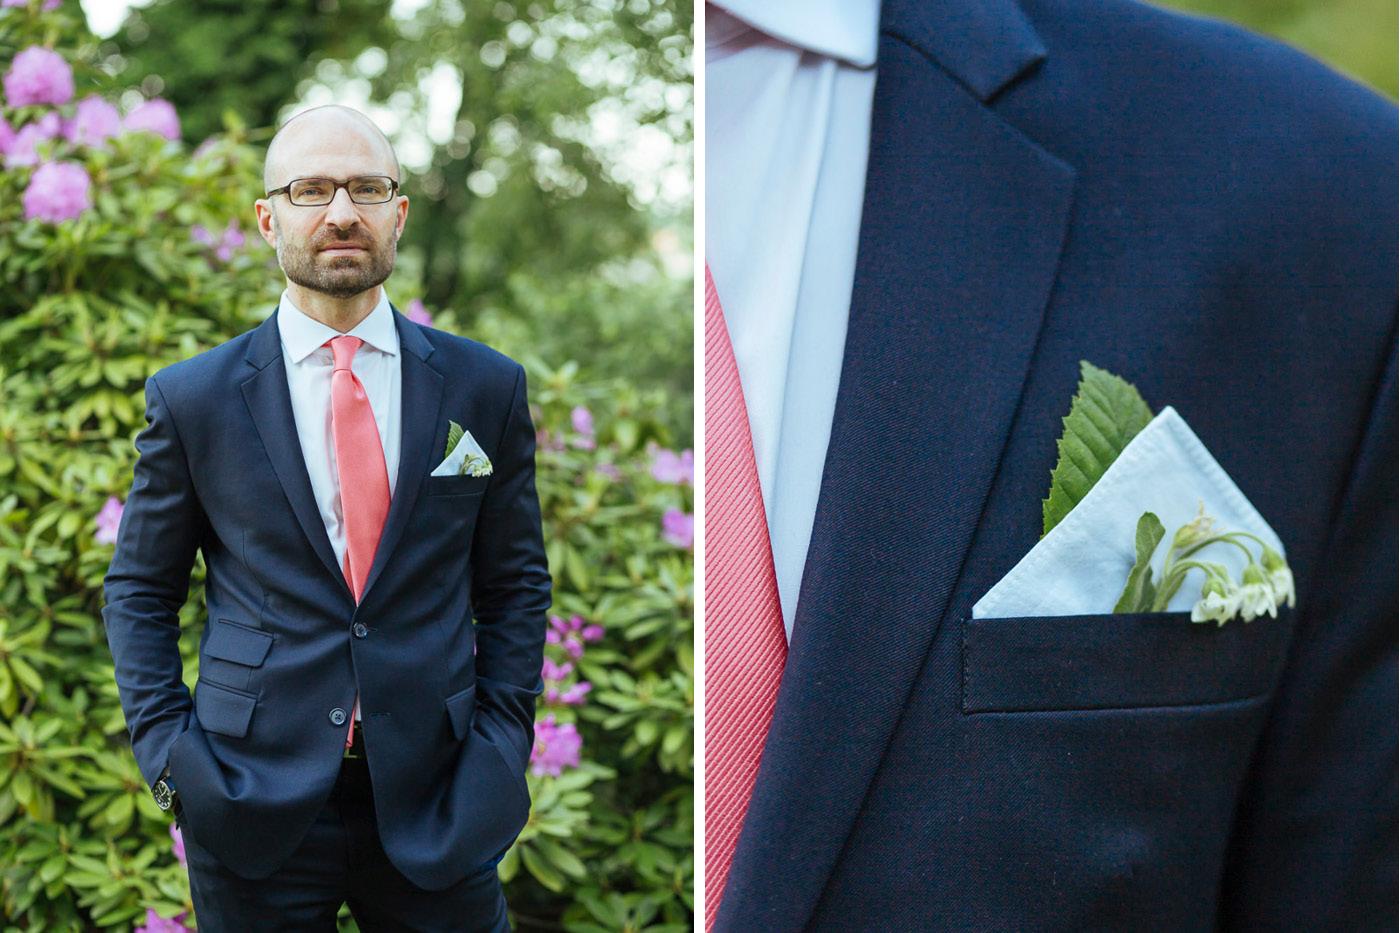 Hochzeitsfotografin-Wien-Herkner-177